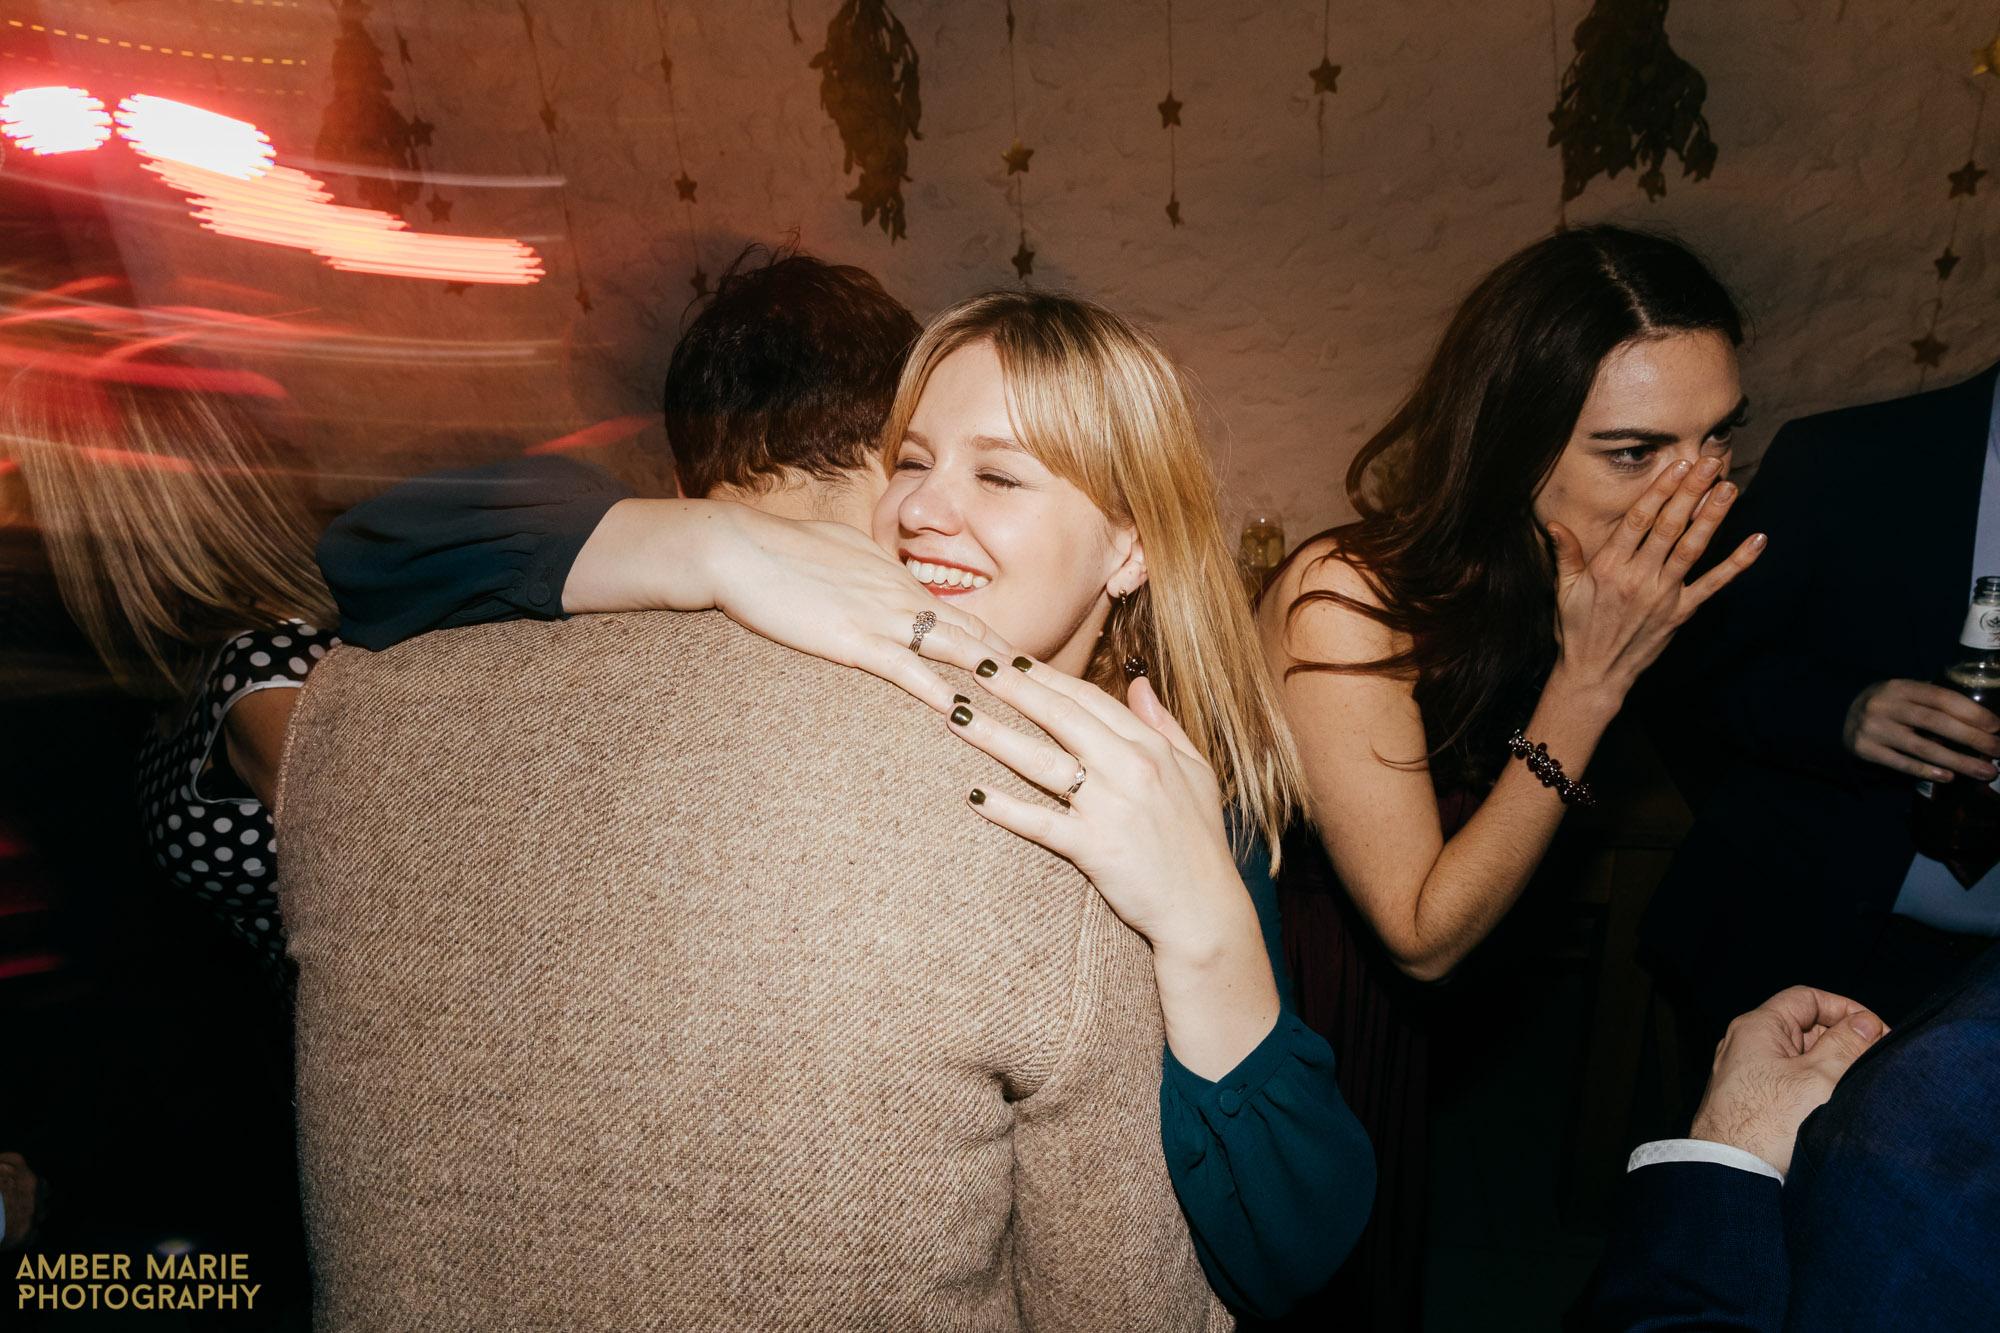 fun wedding party photos by creative wedding photographer